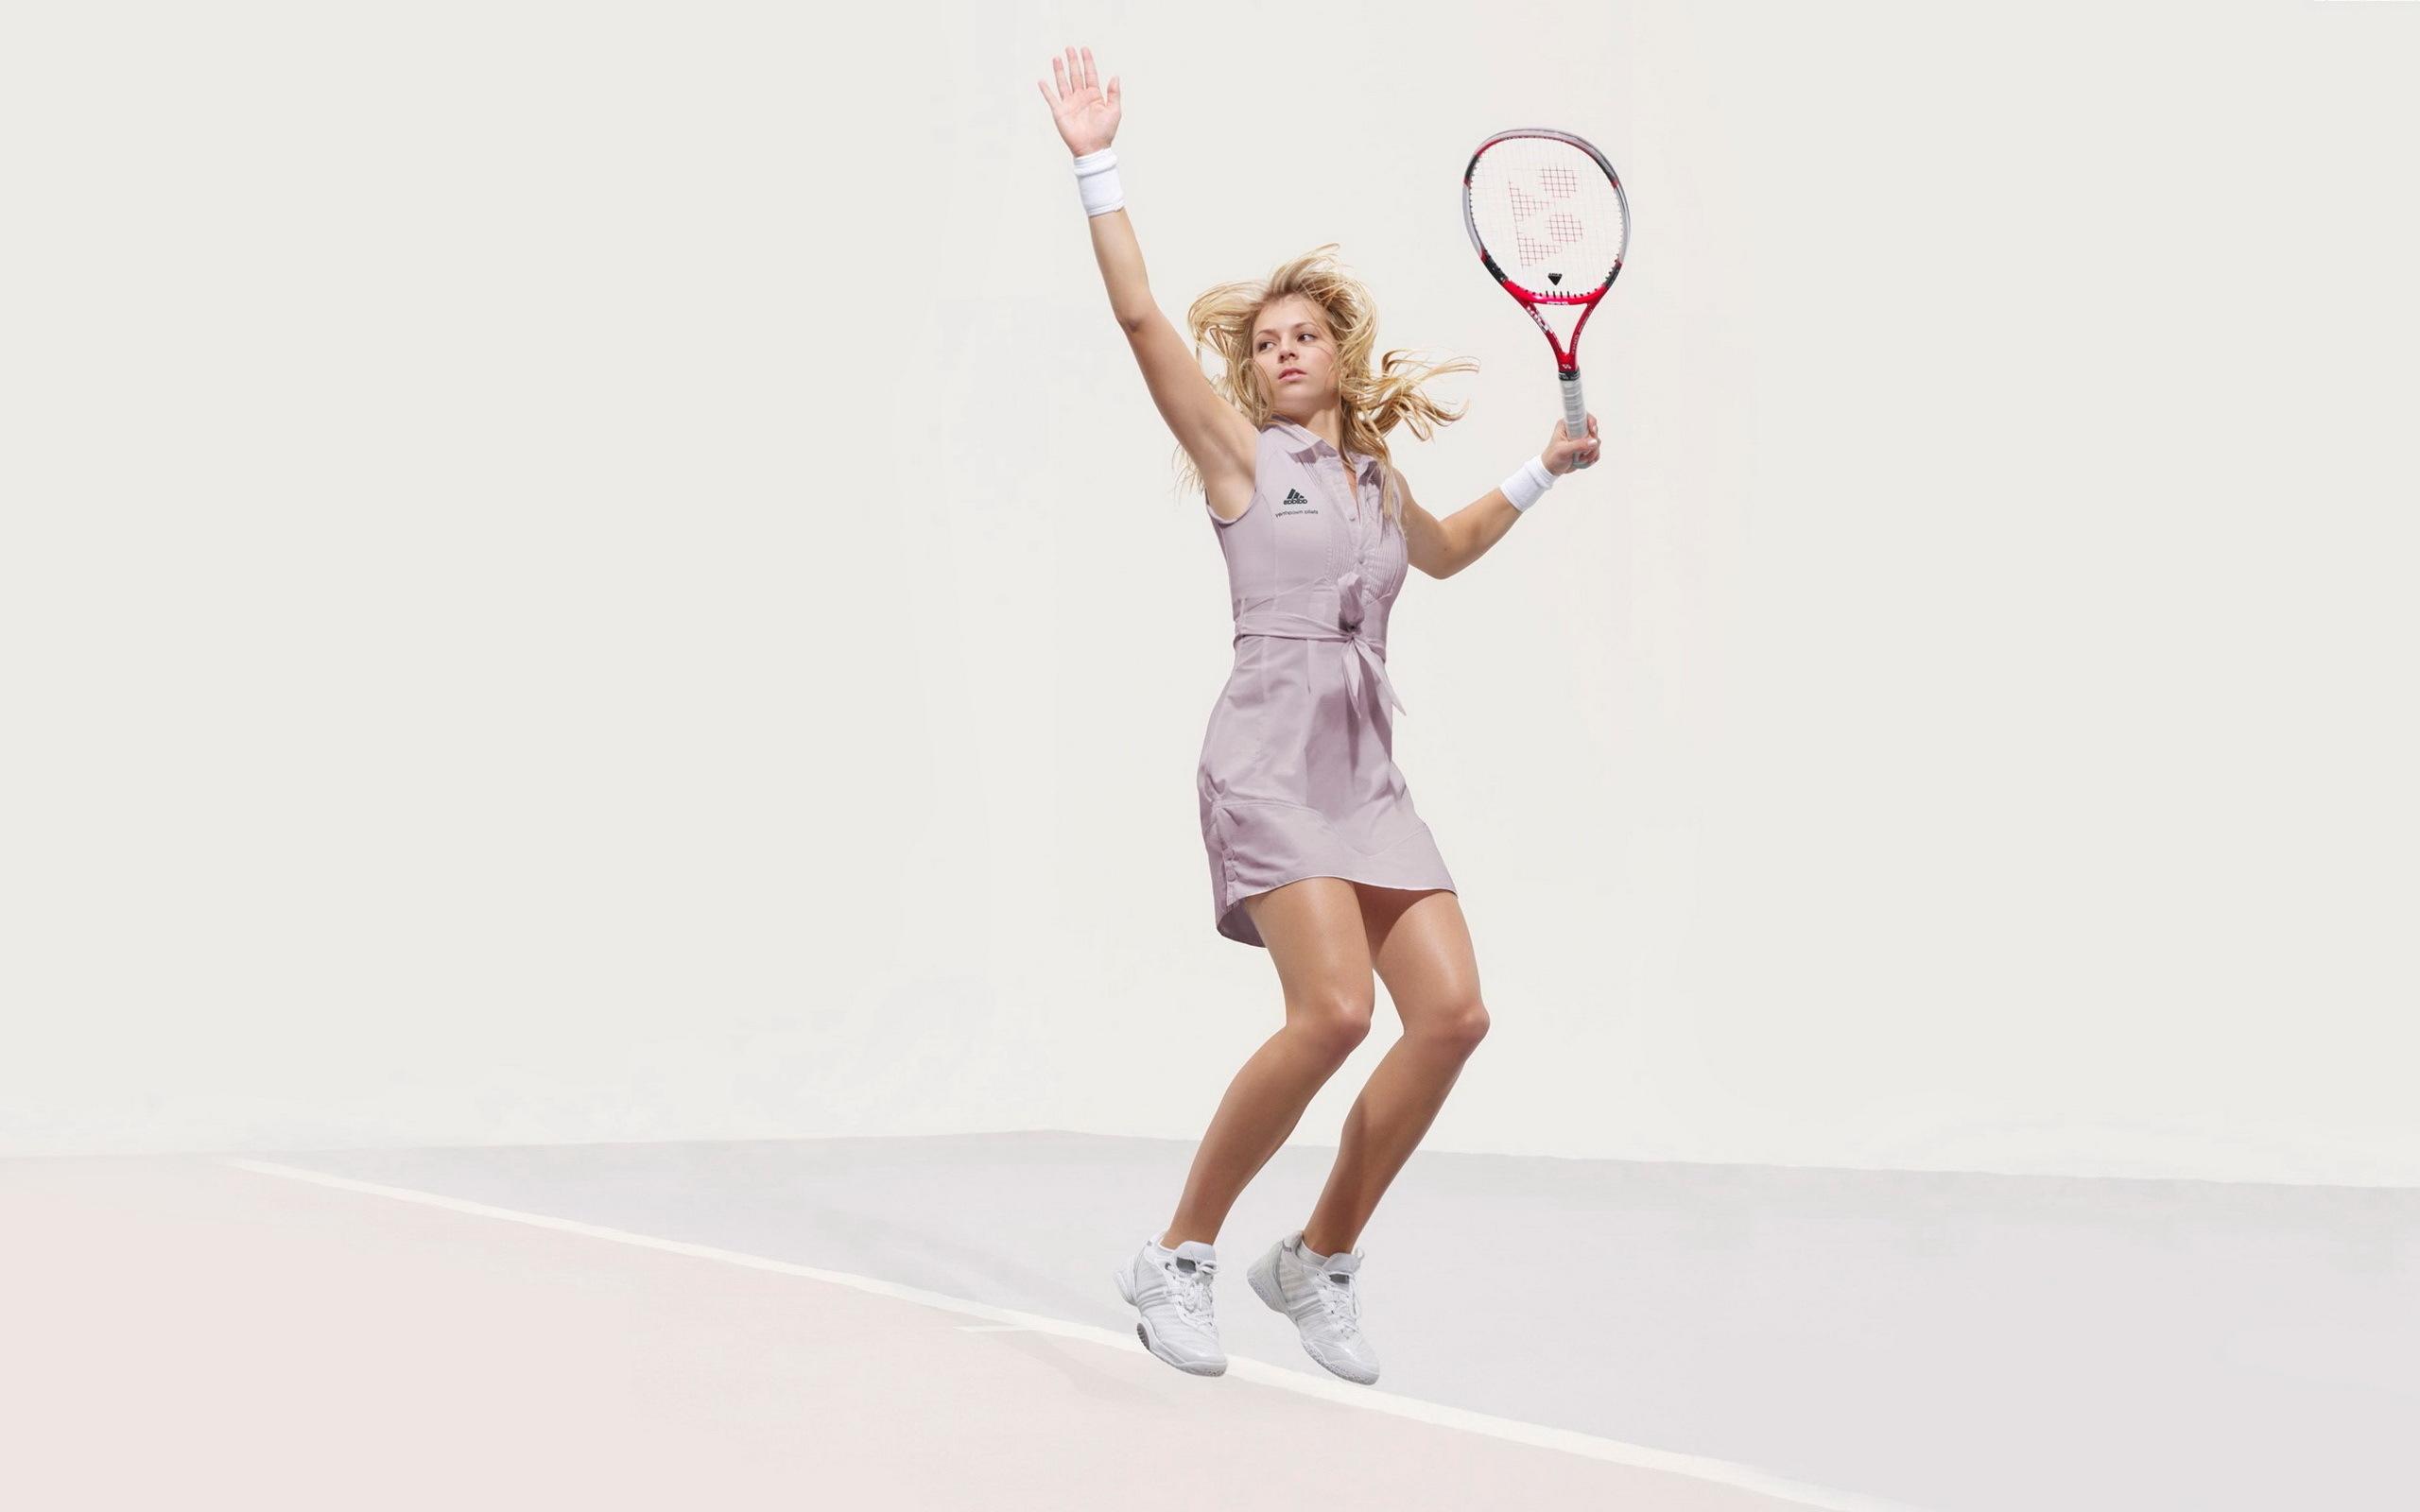 Wallpaper Sports Blonde Arm Tennis Player Racquet Kirilenko 2560x1600 Wallpaperup 720339 Hd Wallpapers Wallhere